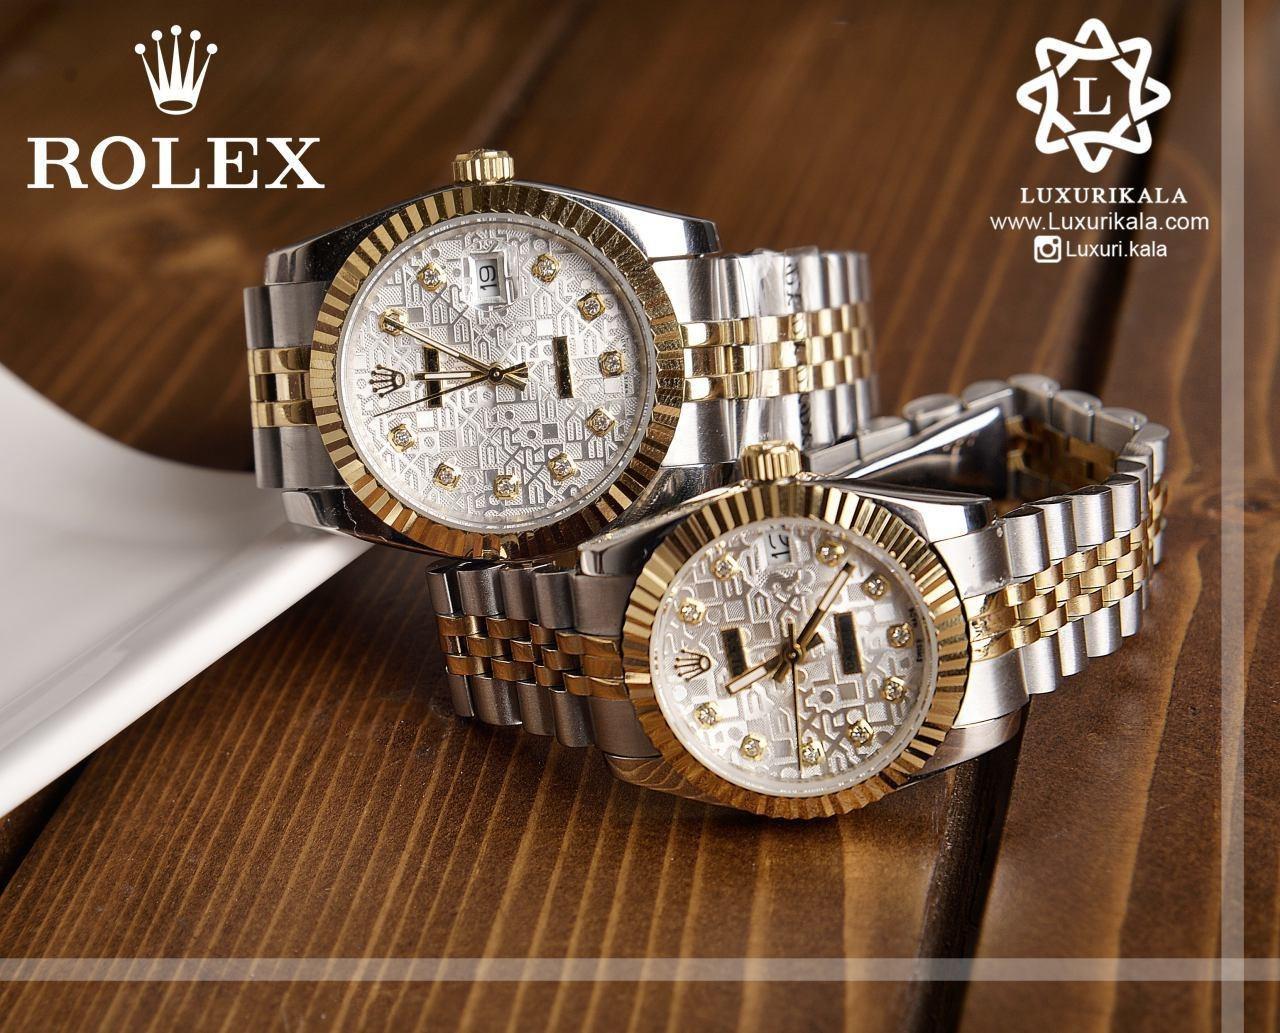 ساعت ست زنانه و مردانه لاکچری ROLEX